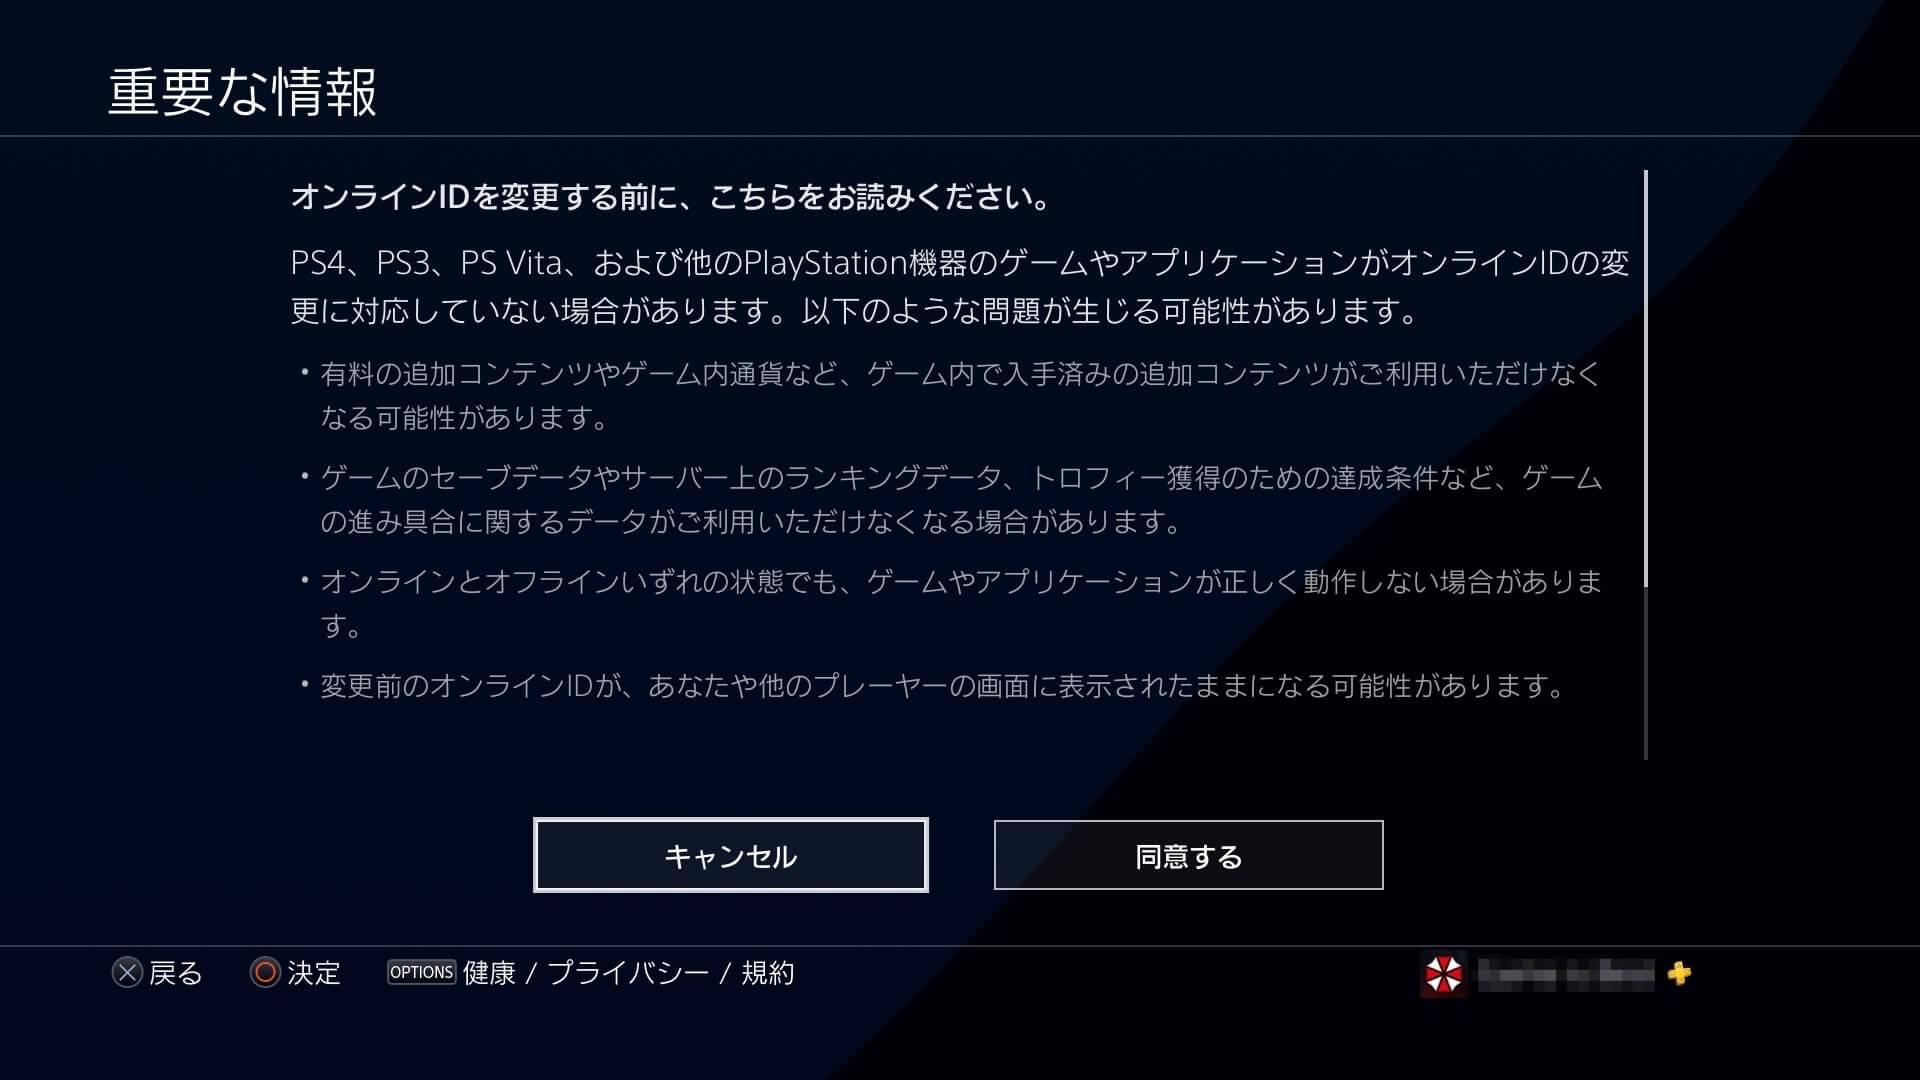 PSNのオンラインID変更